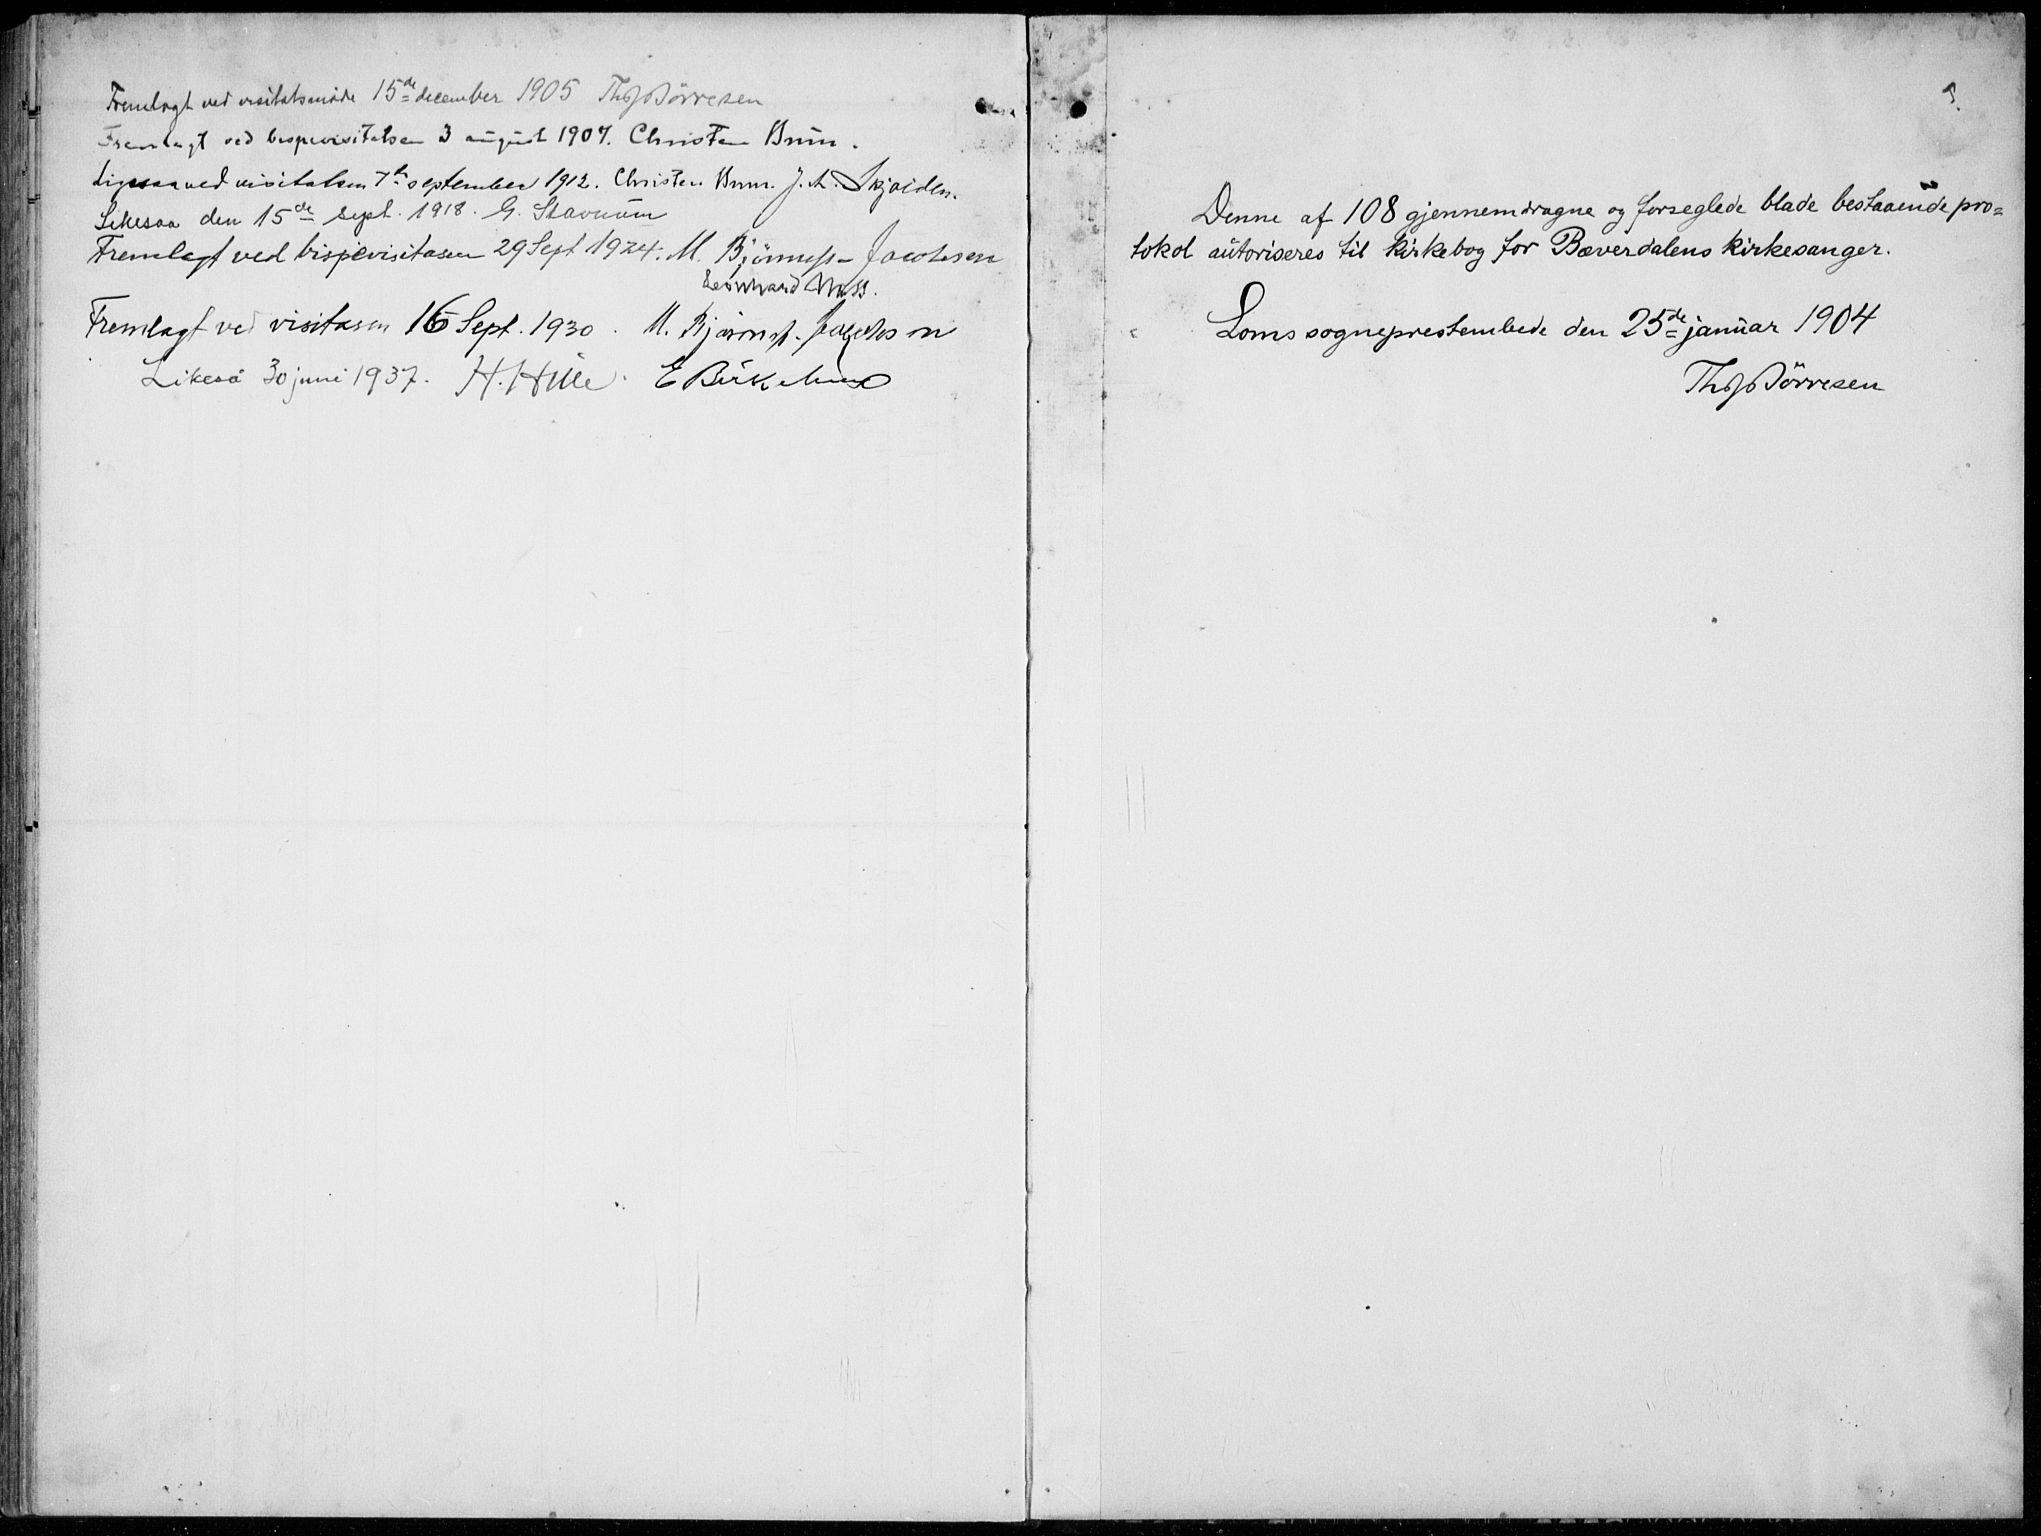 SAH, Lom prestekontor, L/L0007: Klokkerbok nr. 7, 1904-1938